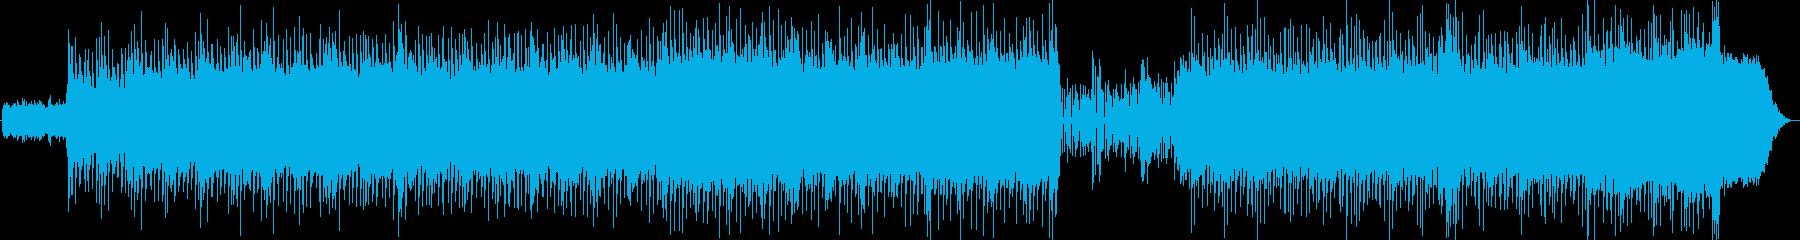 重たいドラム・軽快なアルペジオの再生済みの波形